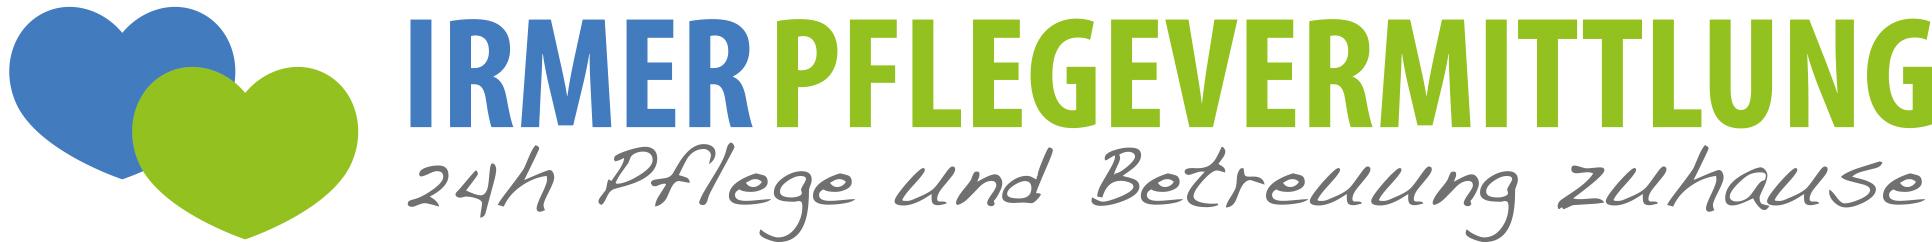 Logo IRMER PFLEGEVERMITTLUNG